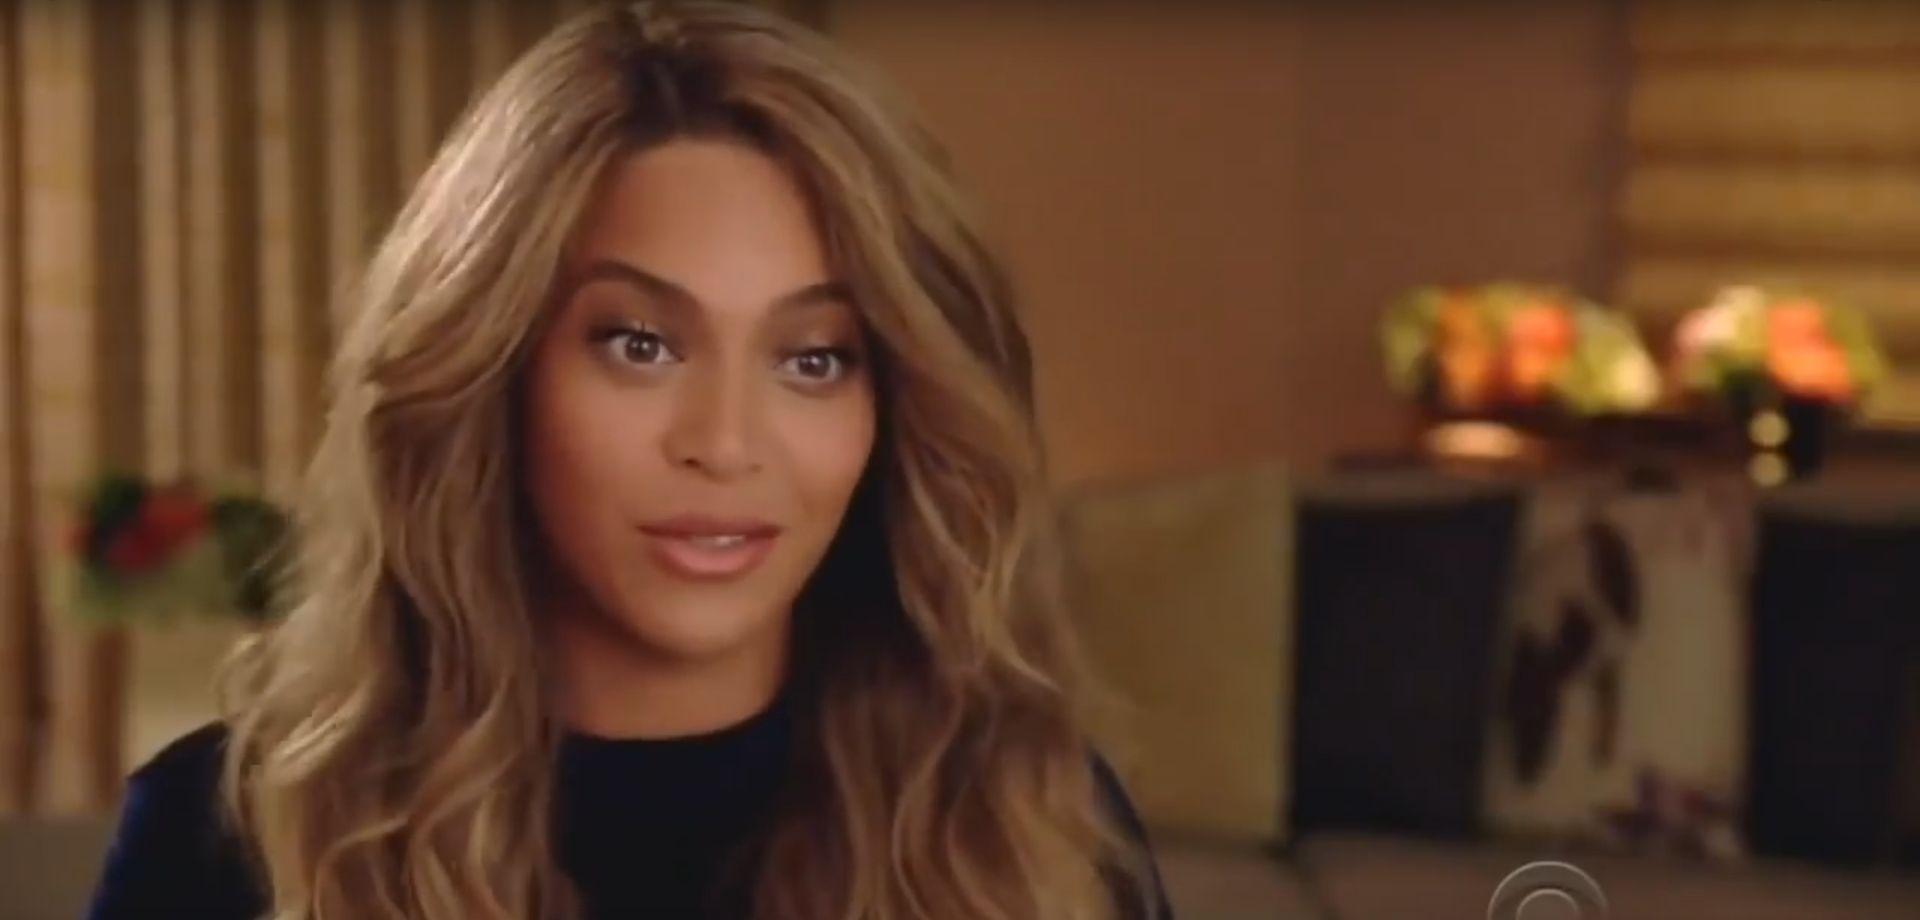 AMERIČKI MEDIJI Beyonce rodila blizance